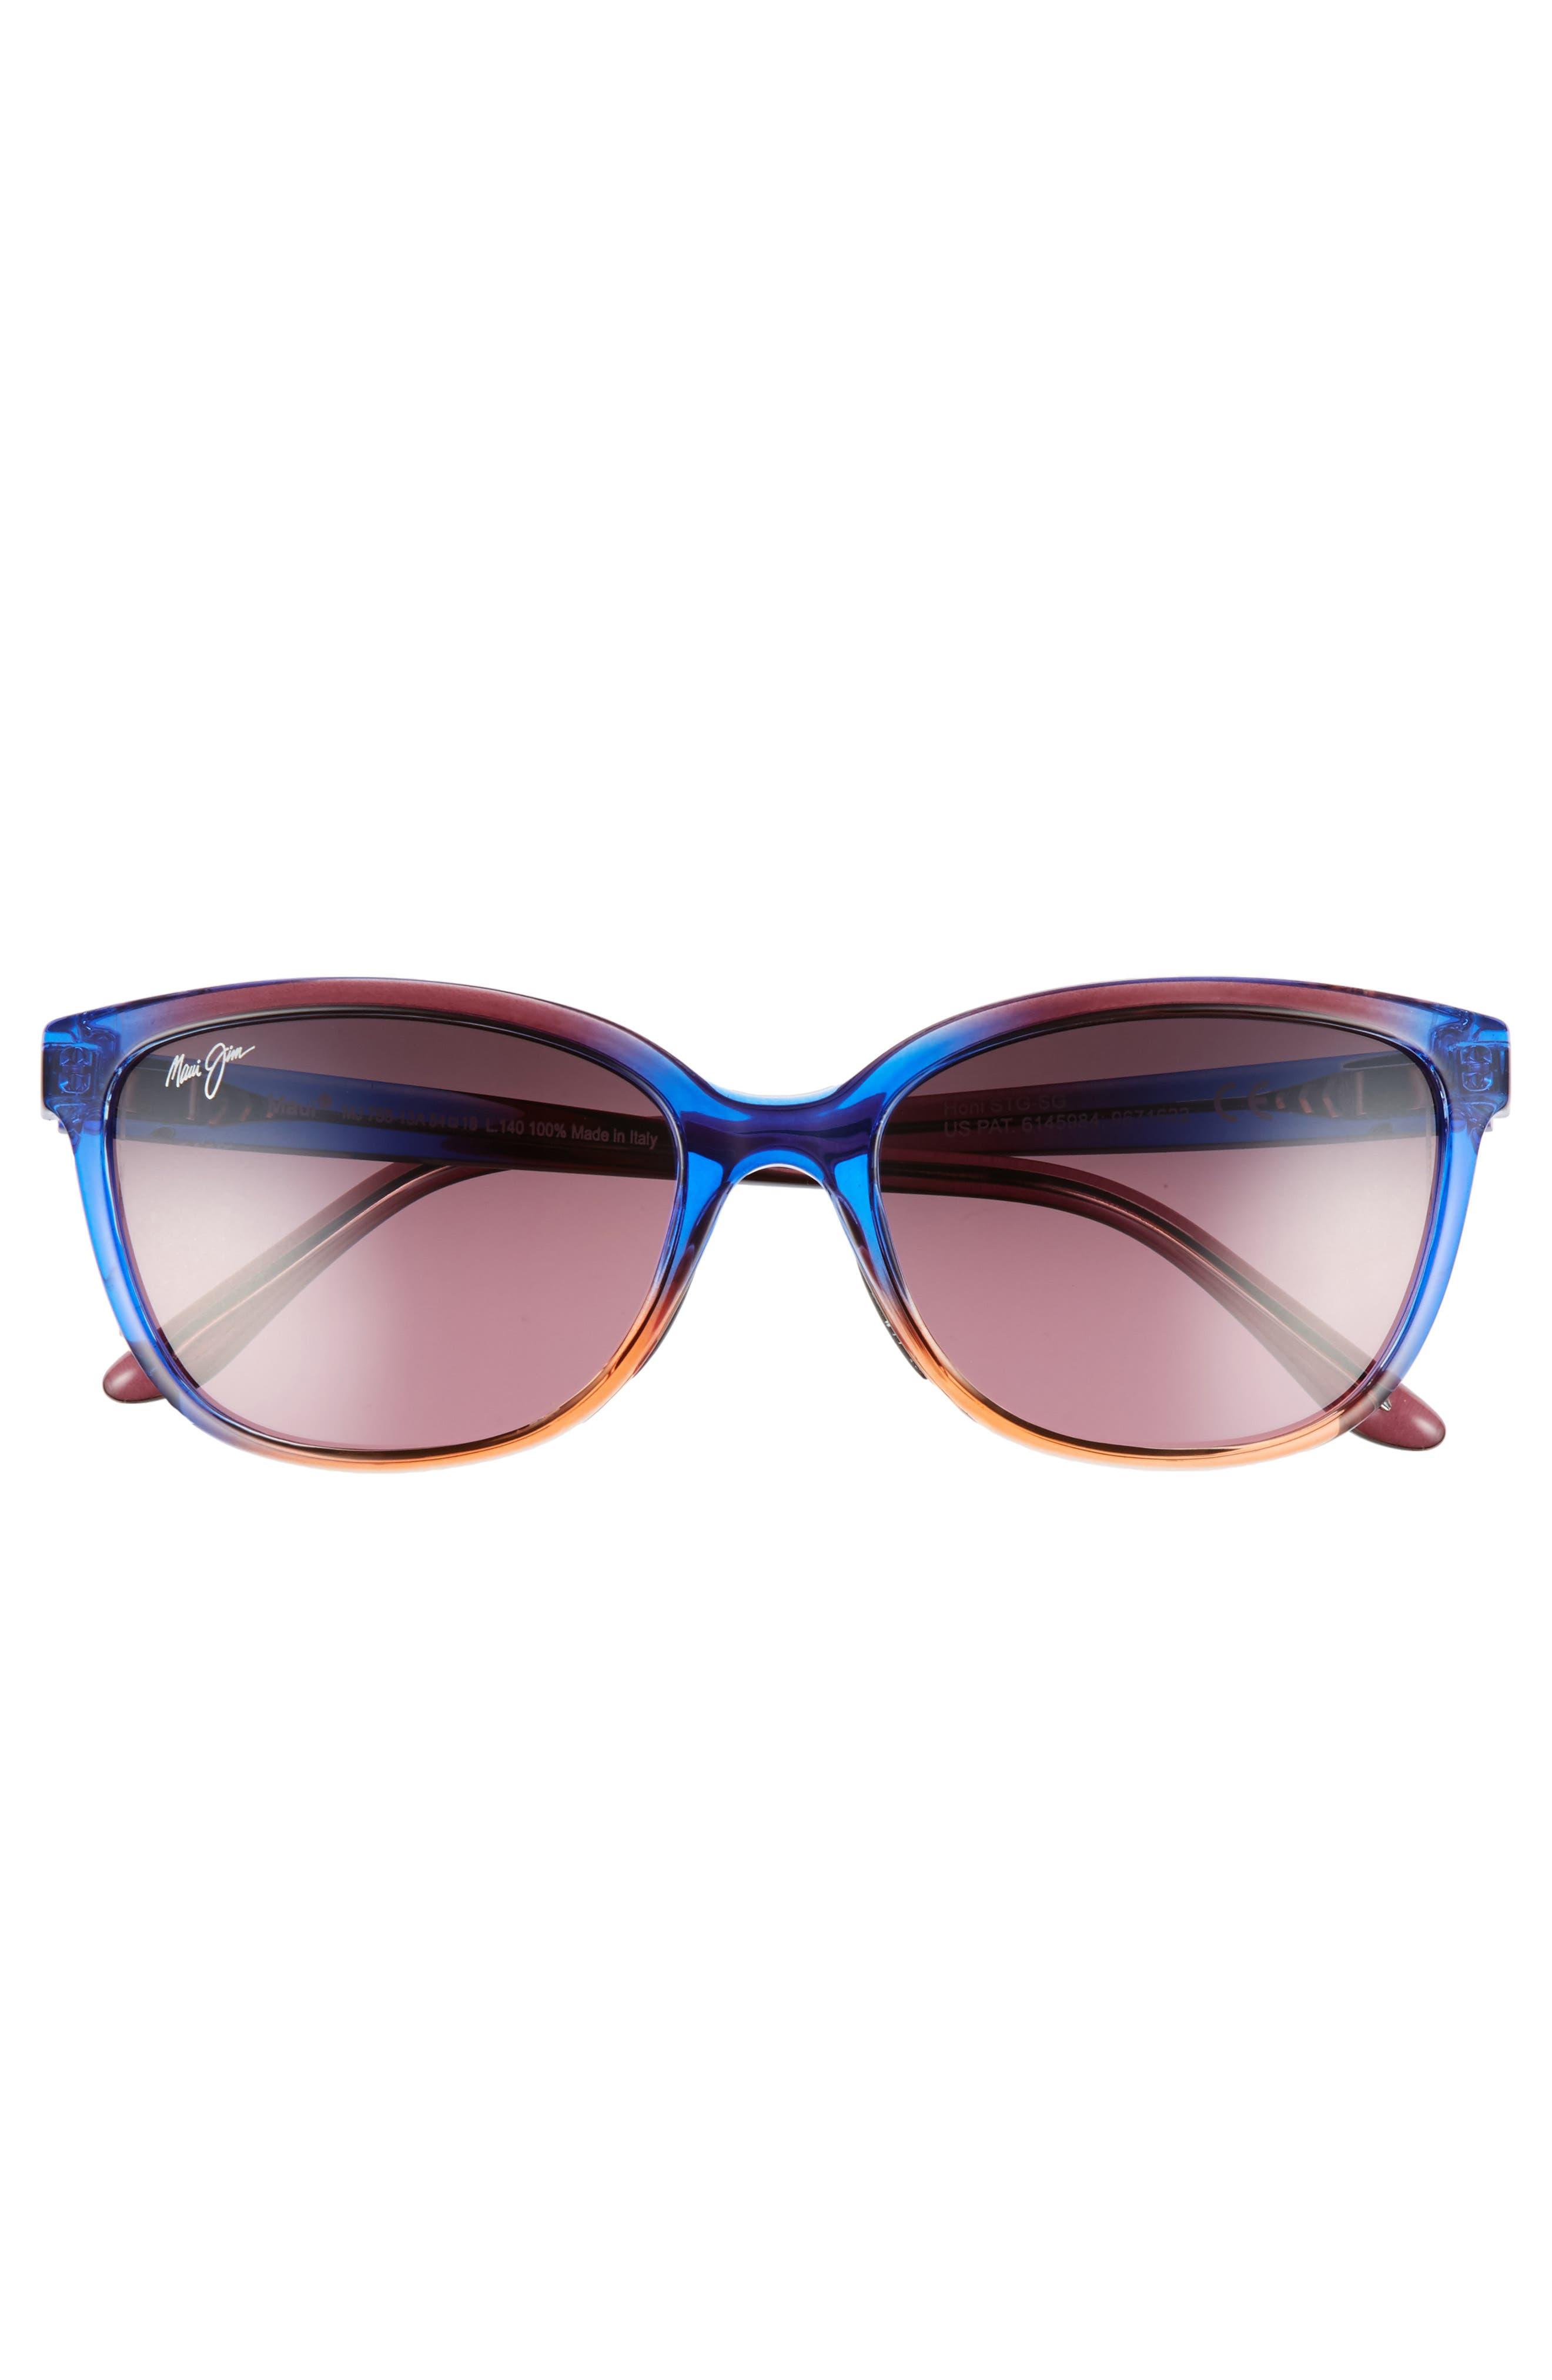 Honi 54mm Polarized Cat Eye Sunglasses,                             Alternate thumbnail 3, color,                             Sunset/ Maui Rose